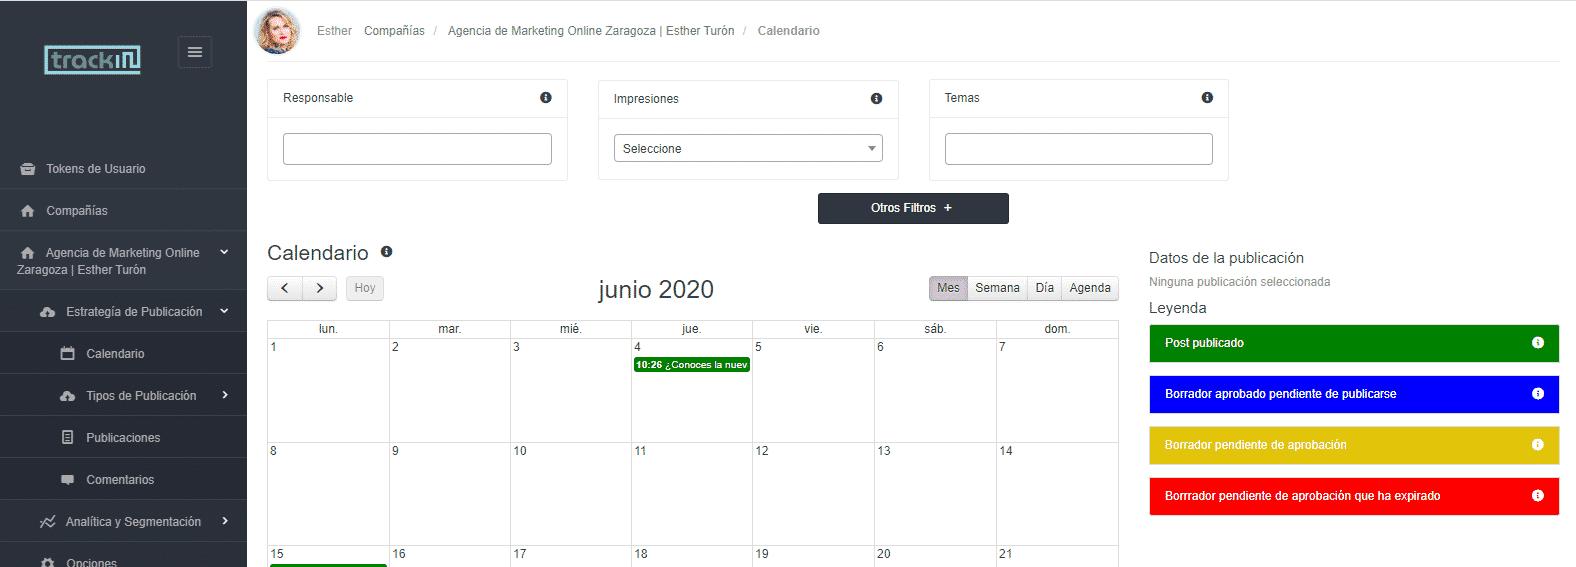 Calendario para Linkedin de Trackin